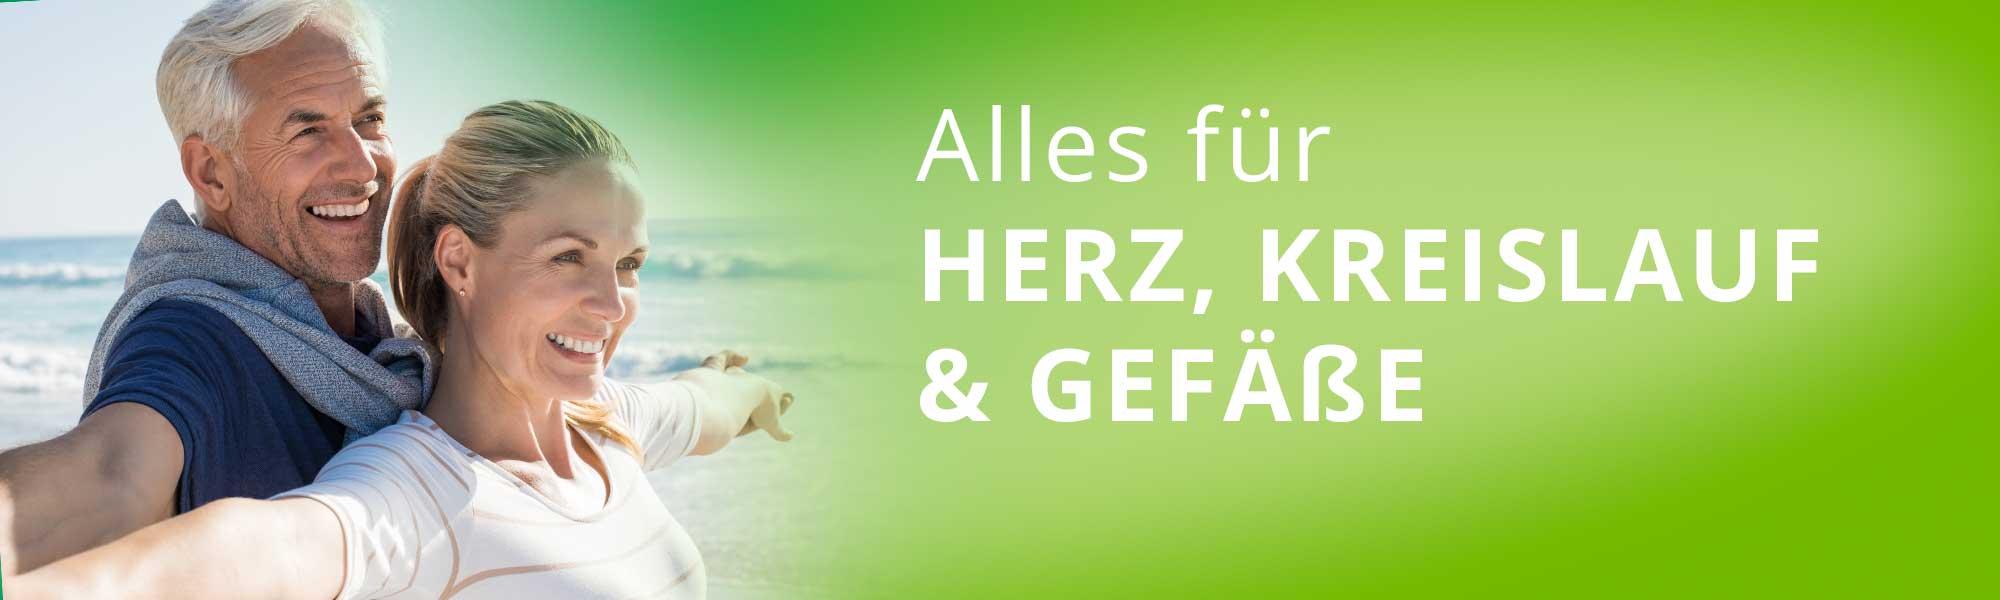 herz_kreislauf5a7cb5e829e73